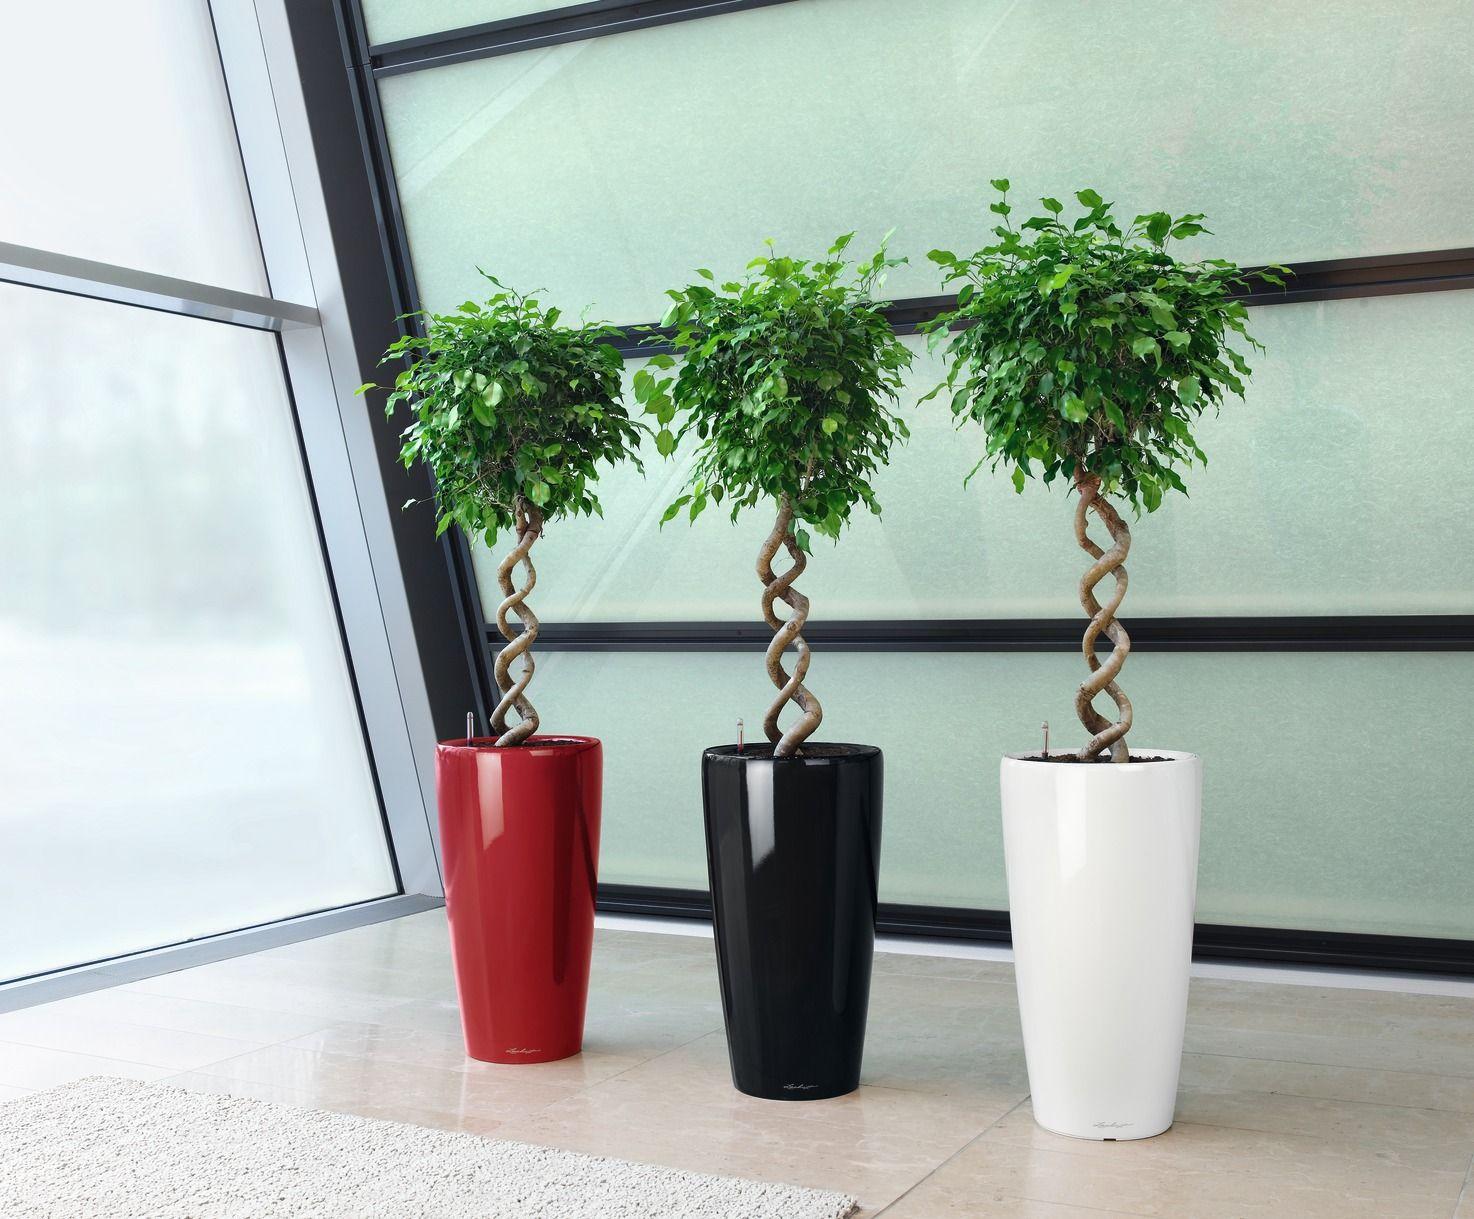 Przedstawiam 10 Roslin Ktore Szczegolnie Nadaja Sie Do Biur Rosliny Te Sa Malo Wymagajace I Kazdy Poradzi Sobie Self Watering Planter Tall Planters Planters